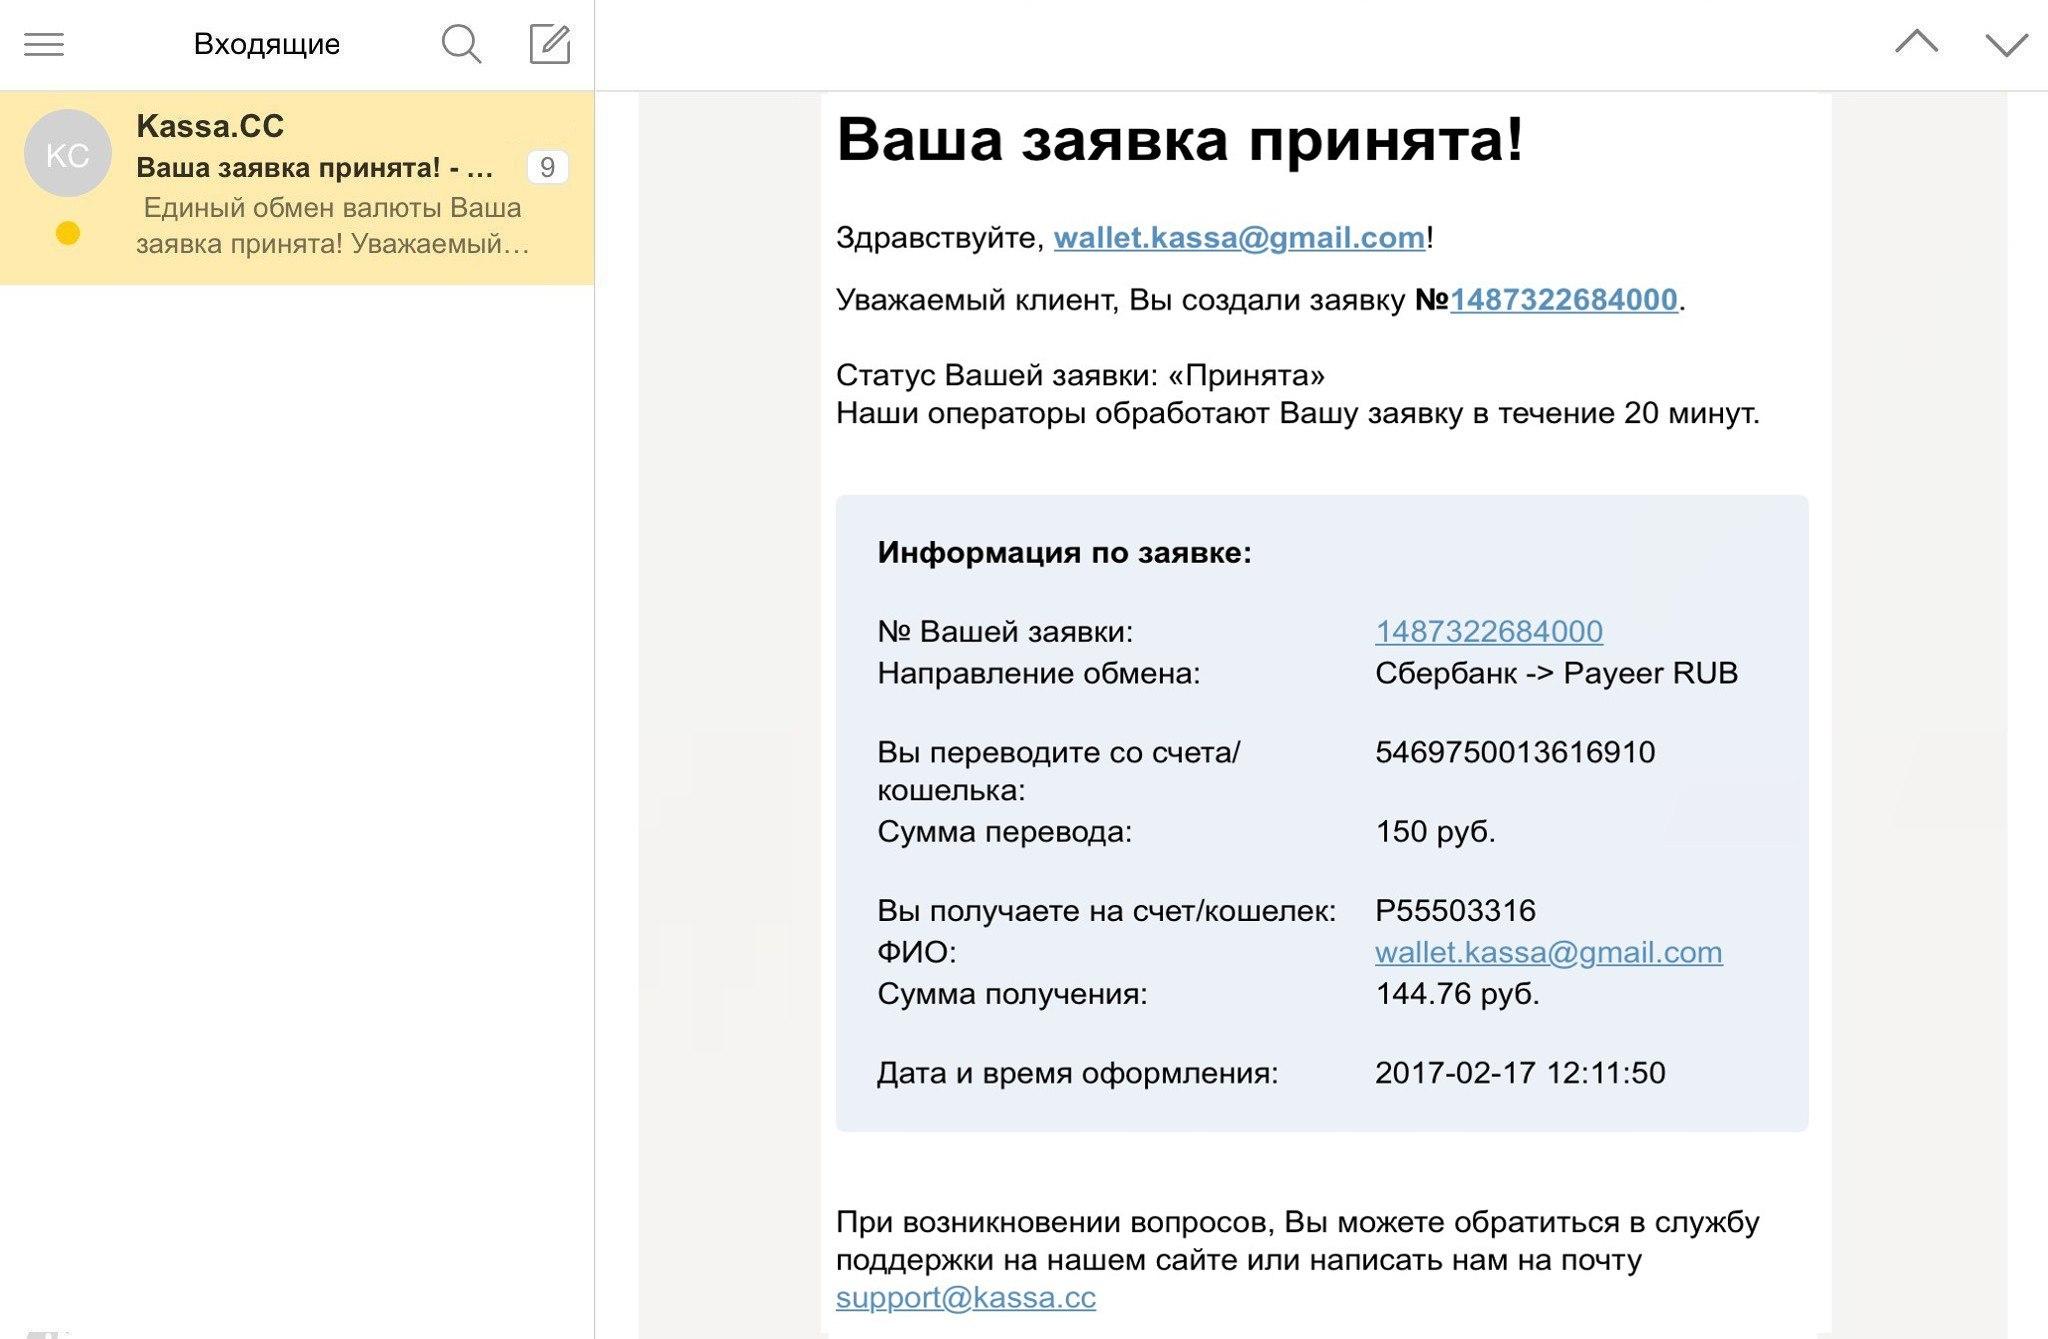 Kassa.cc - единый обмен валюты. Перевод с карты Сбербанка на Payeer RUB